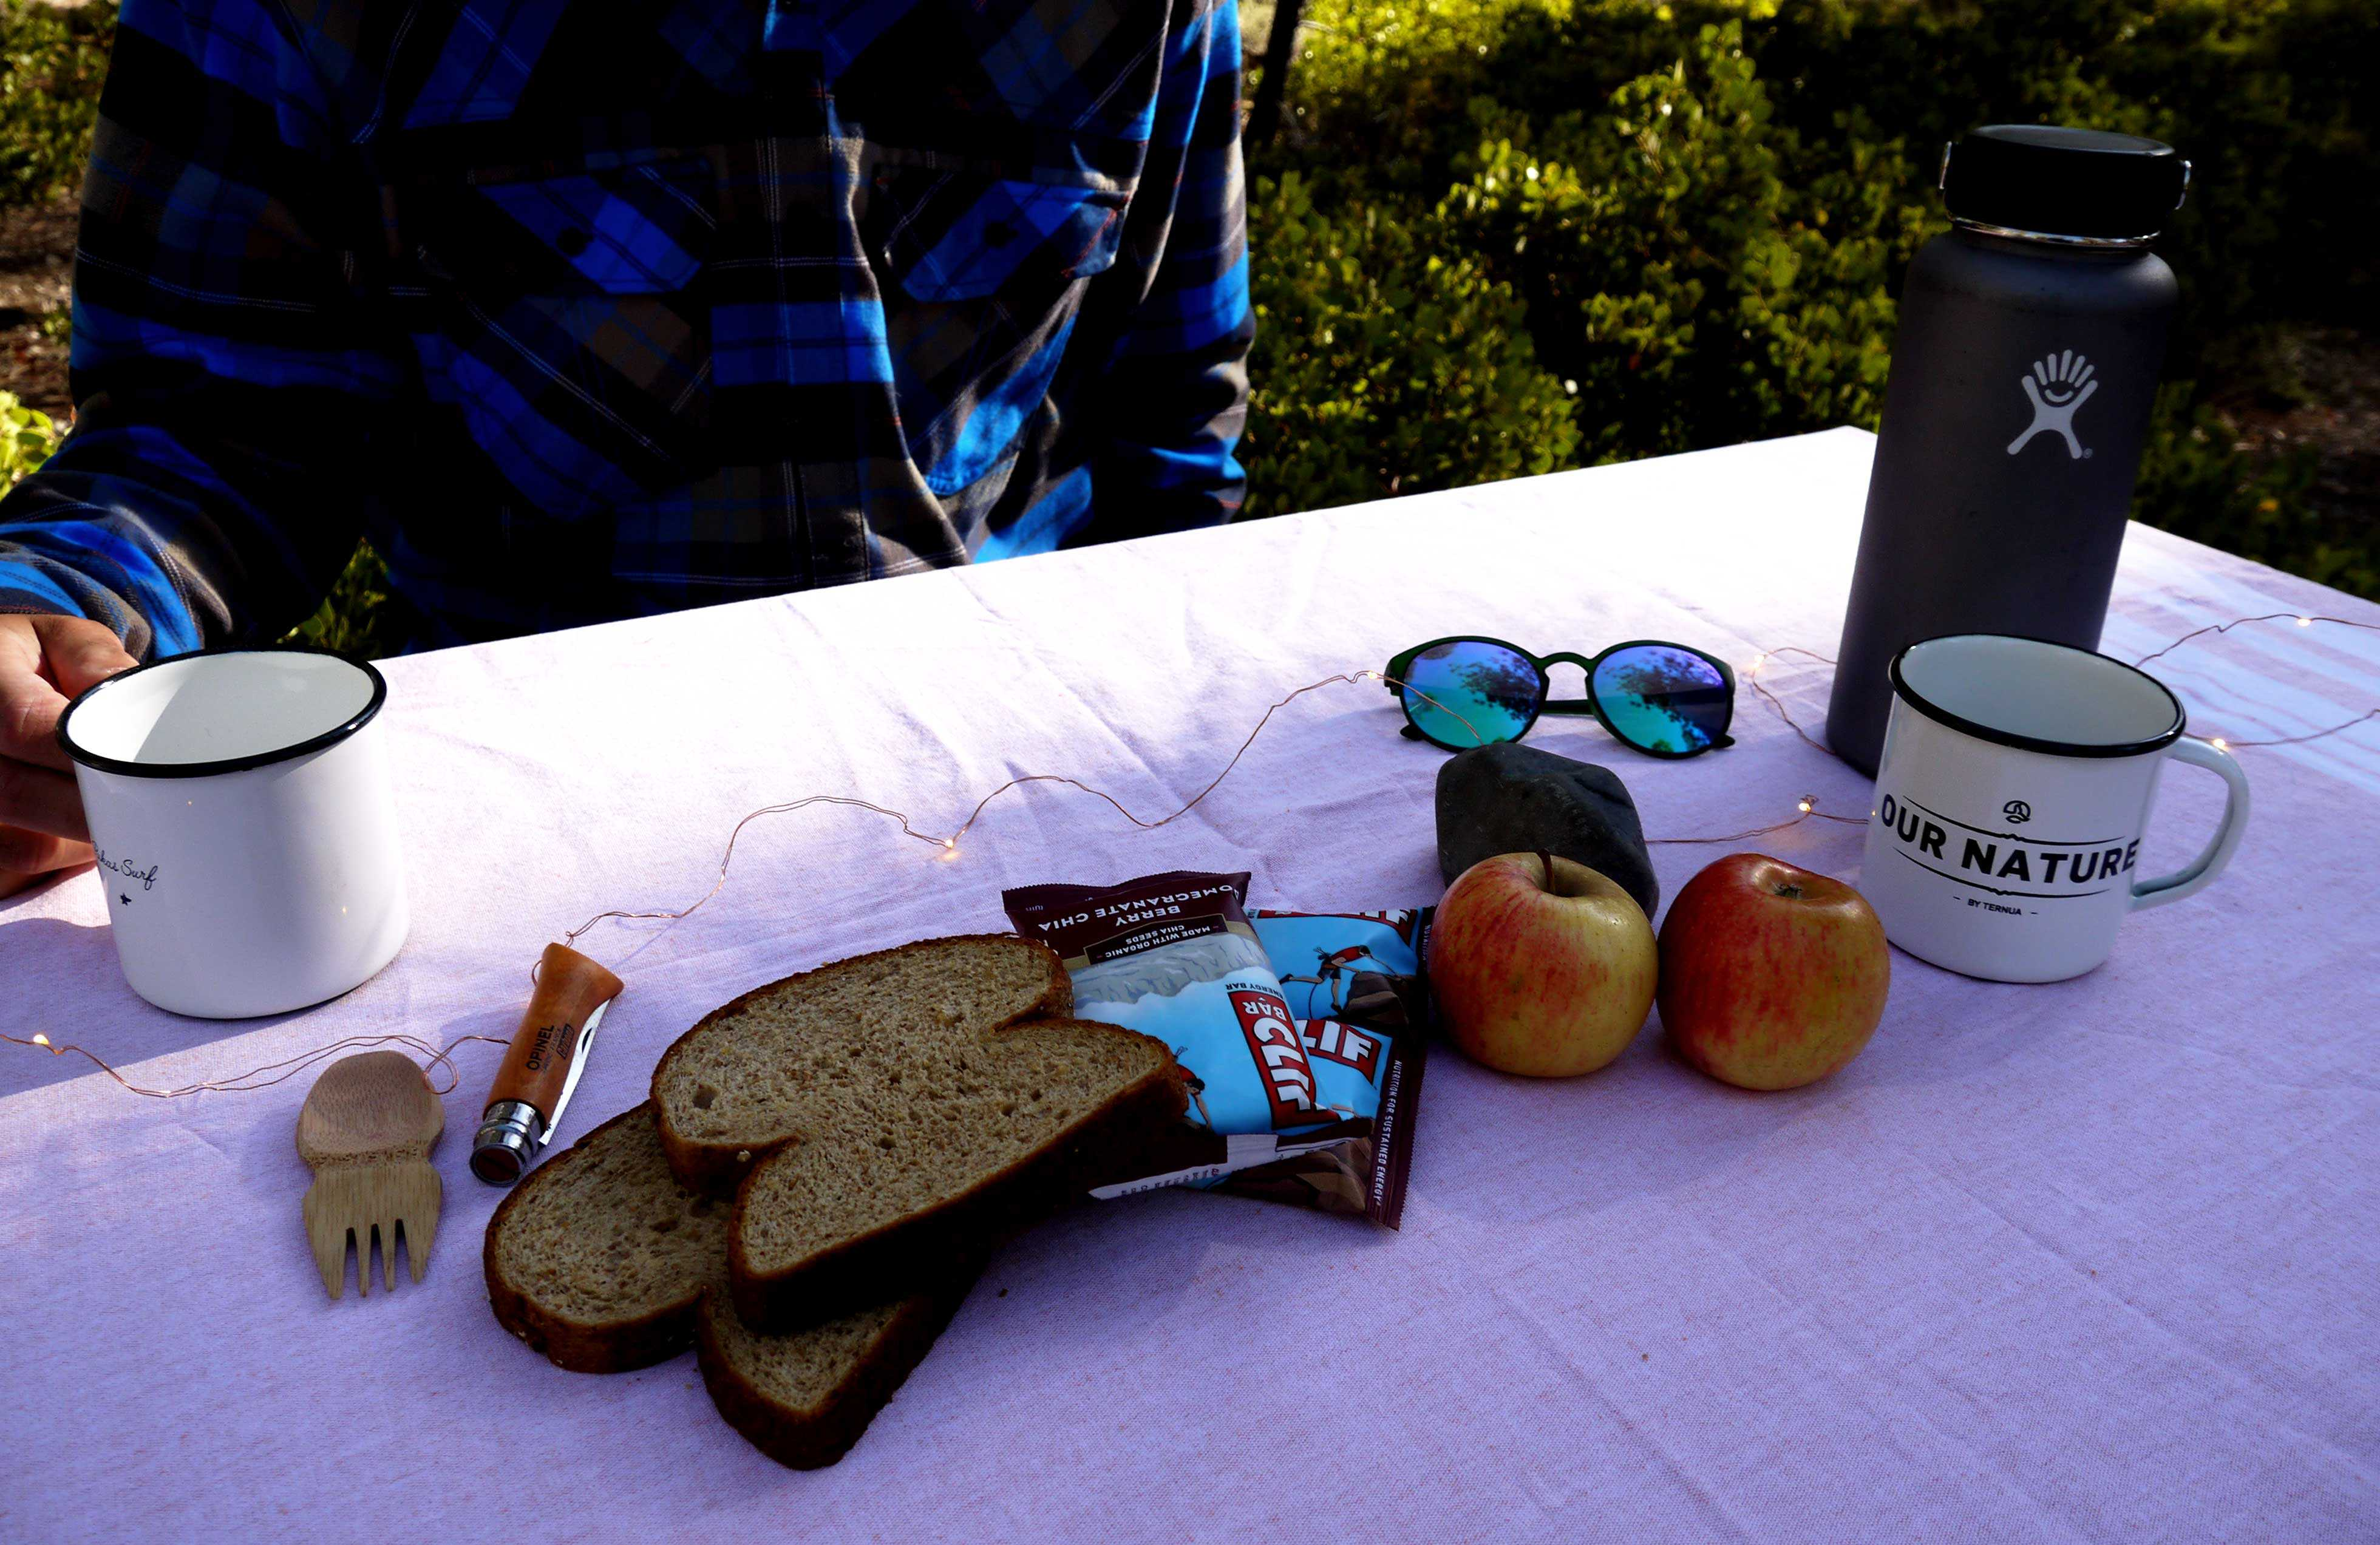 Brot und Äpfel auf Tisch